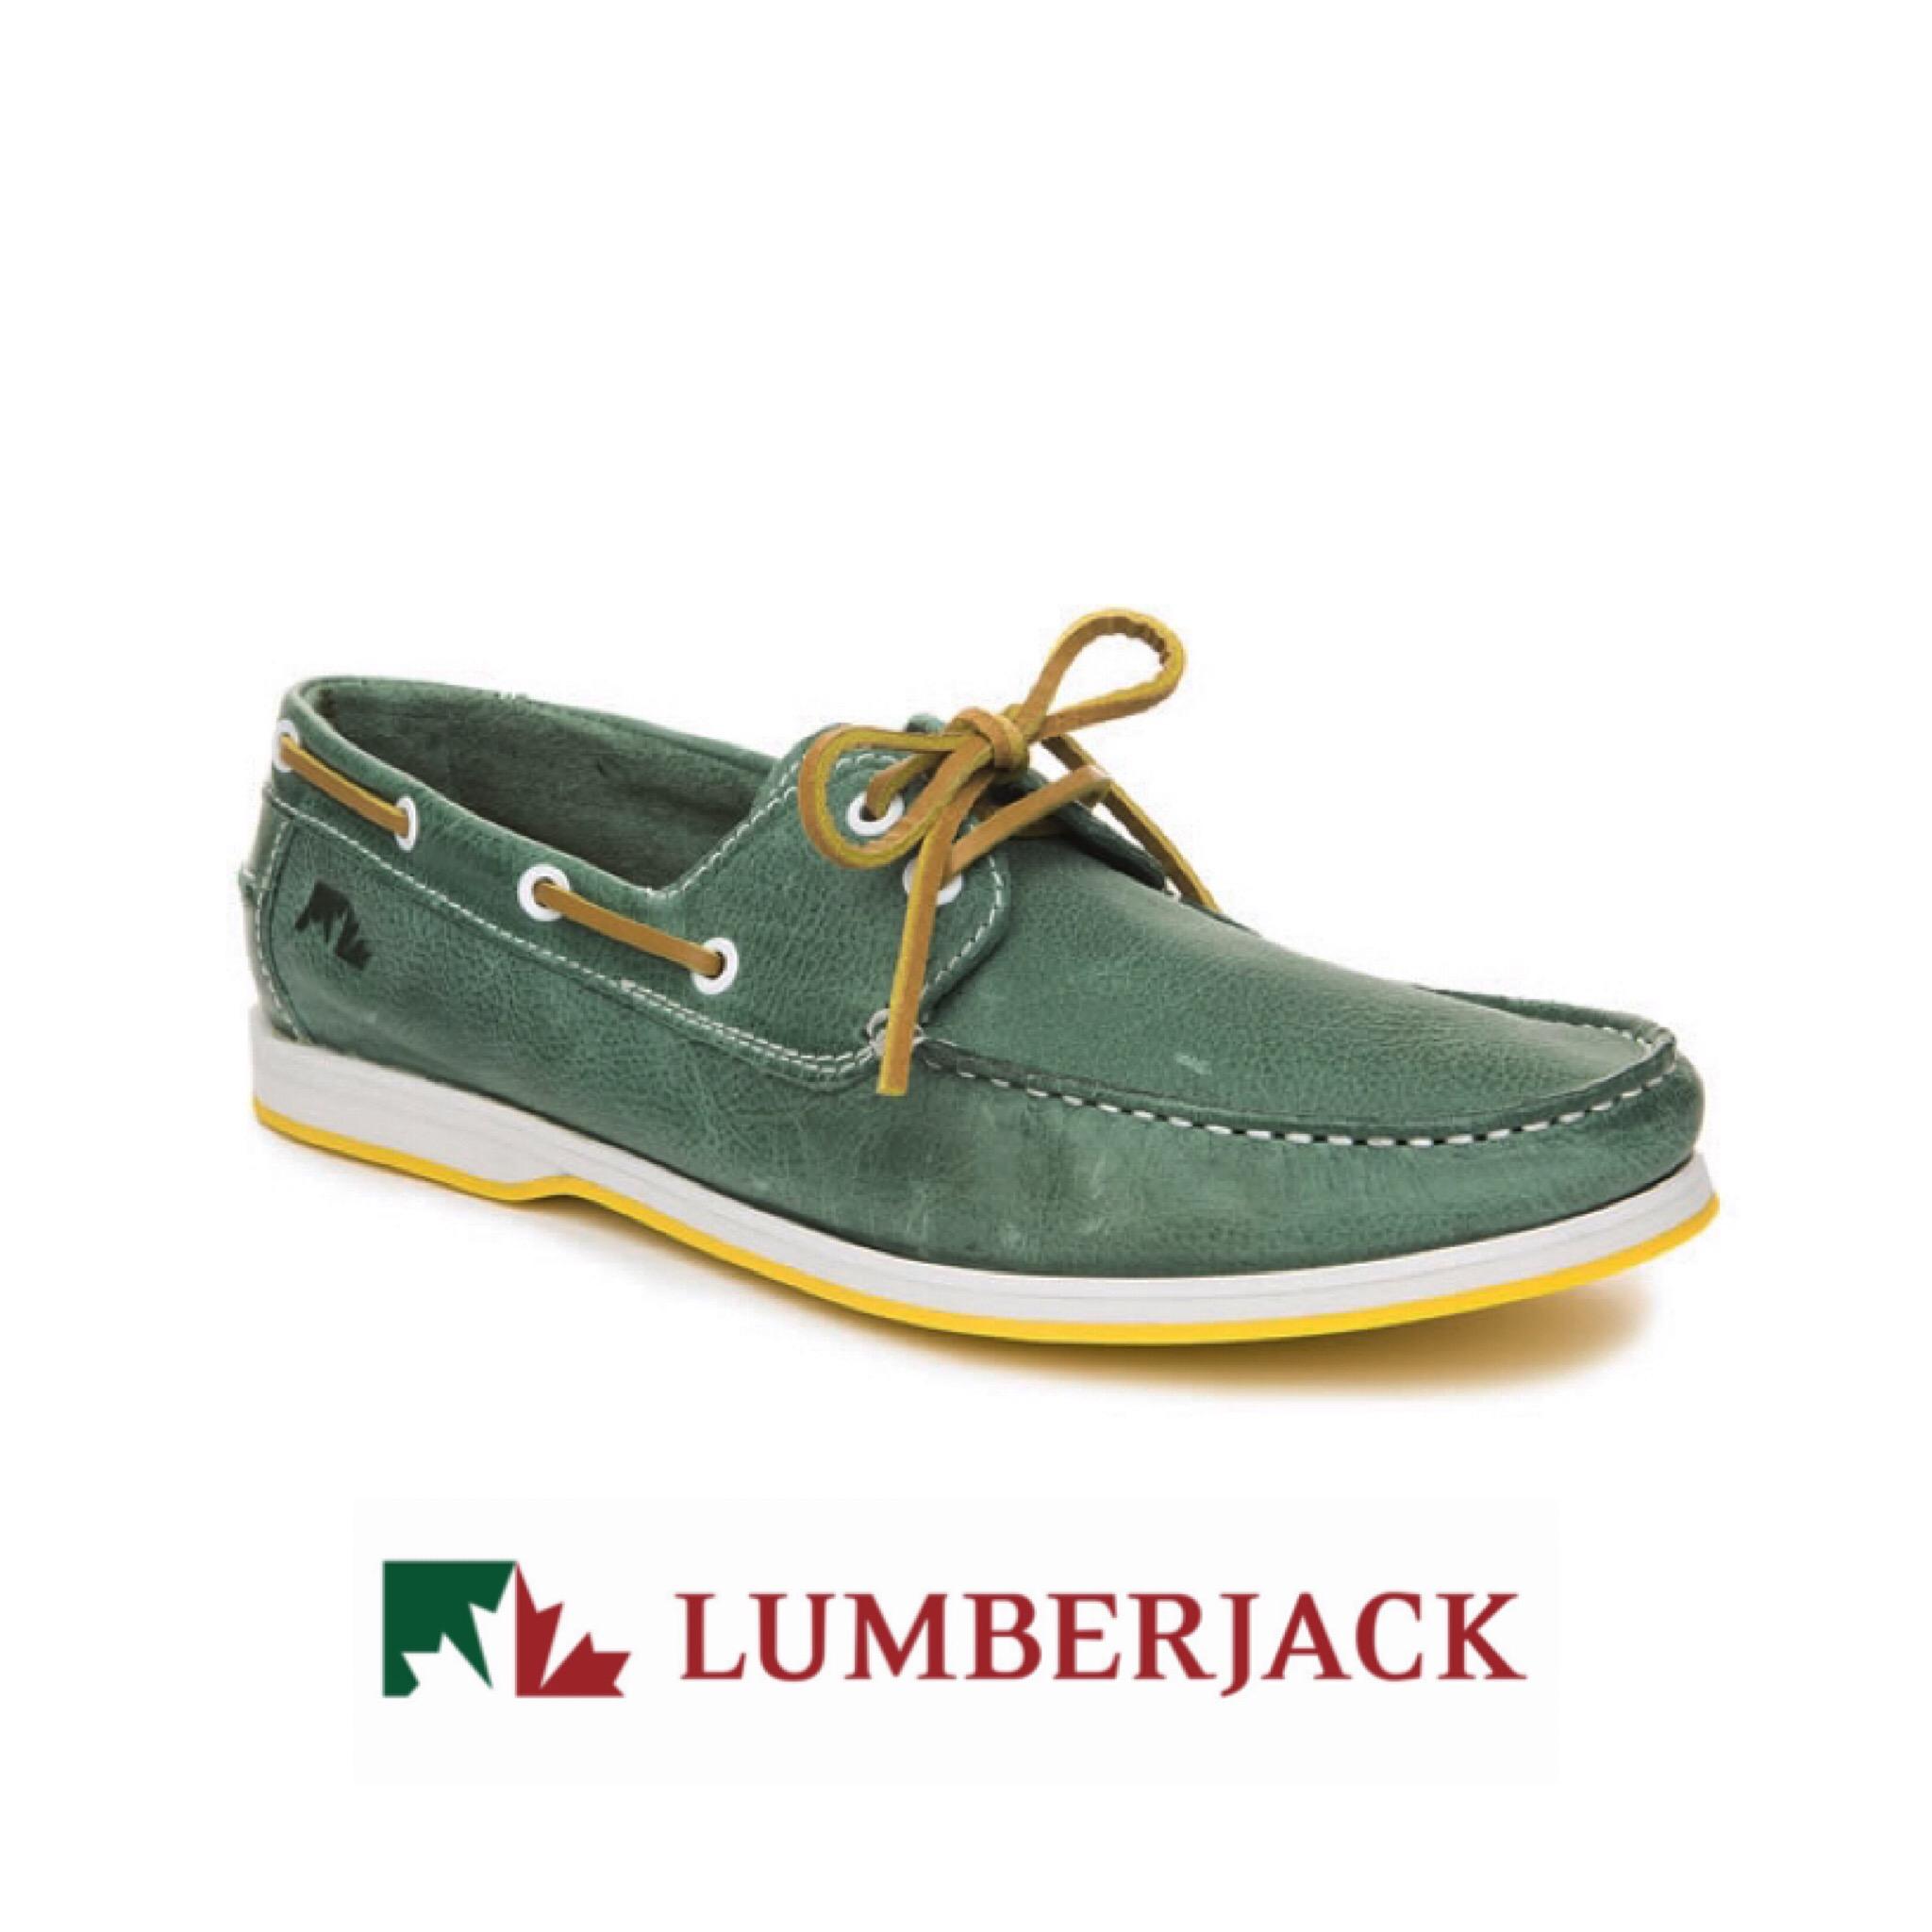 Lumberjack Lace Up Boots Thunder